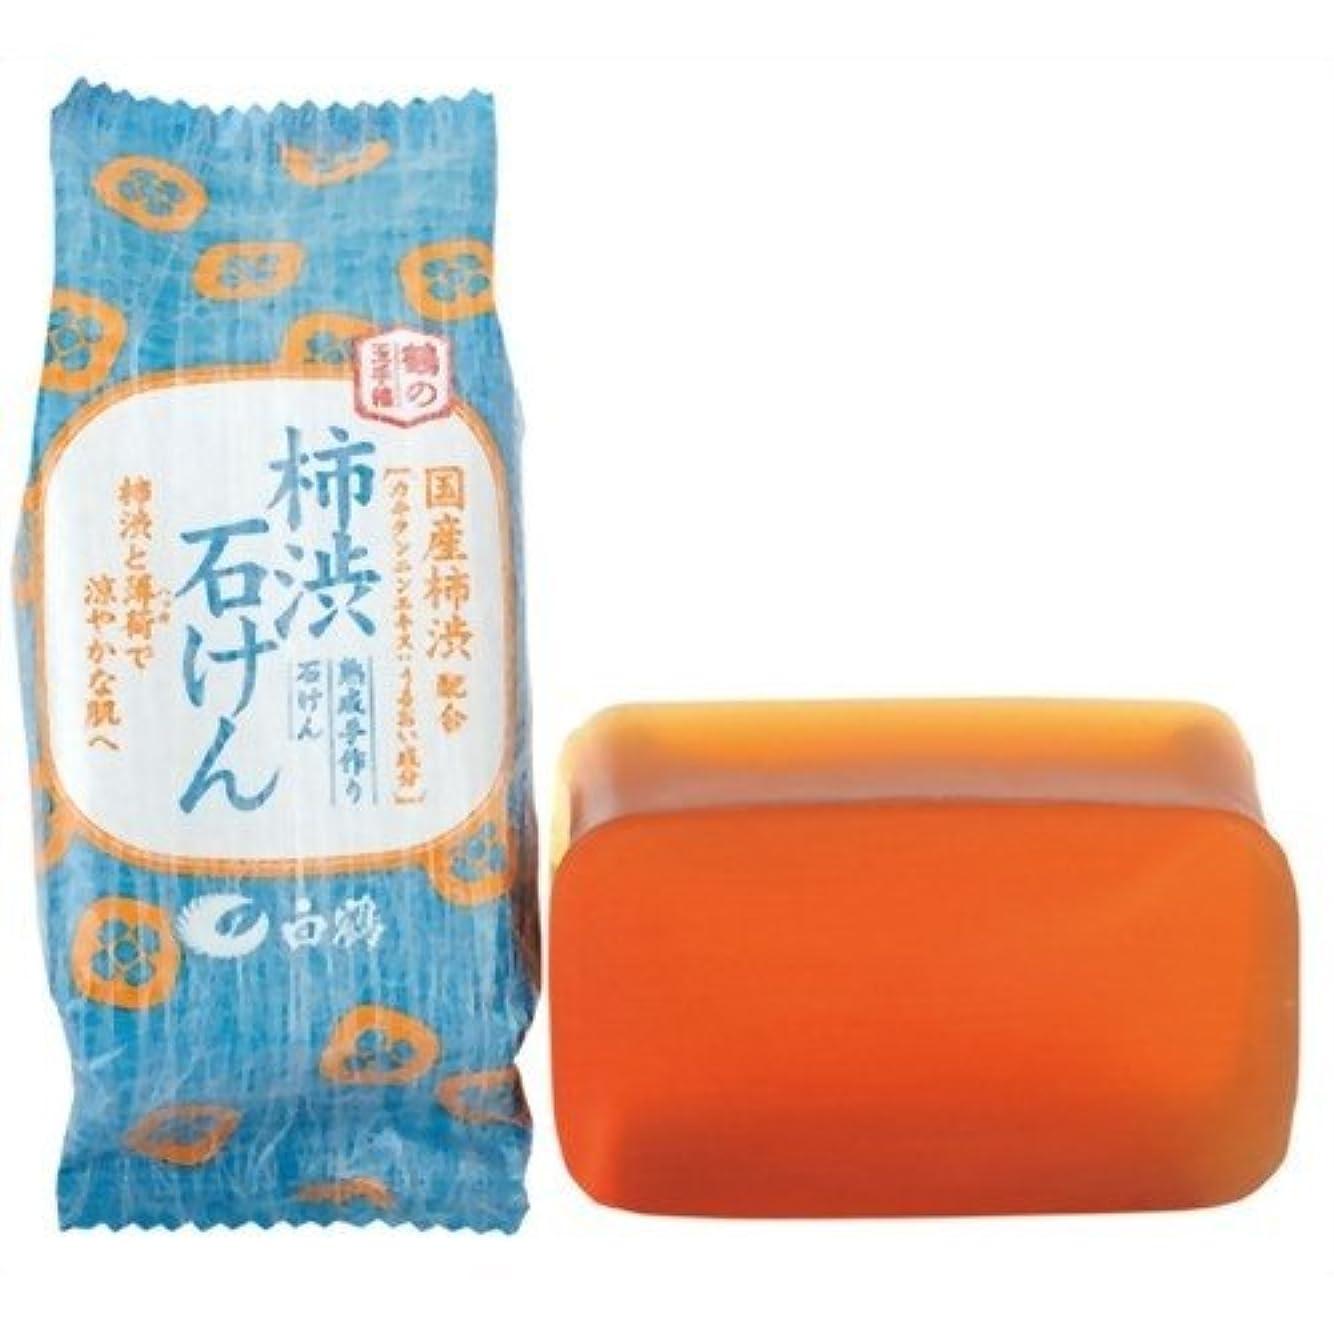 対立ゴールド悪化する白鶴 鶴の玉手箱 薬用 柿渋石けん 110g (全身用石鹸)